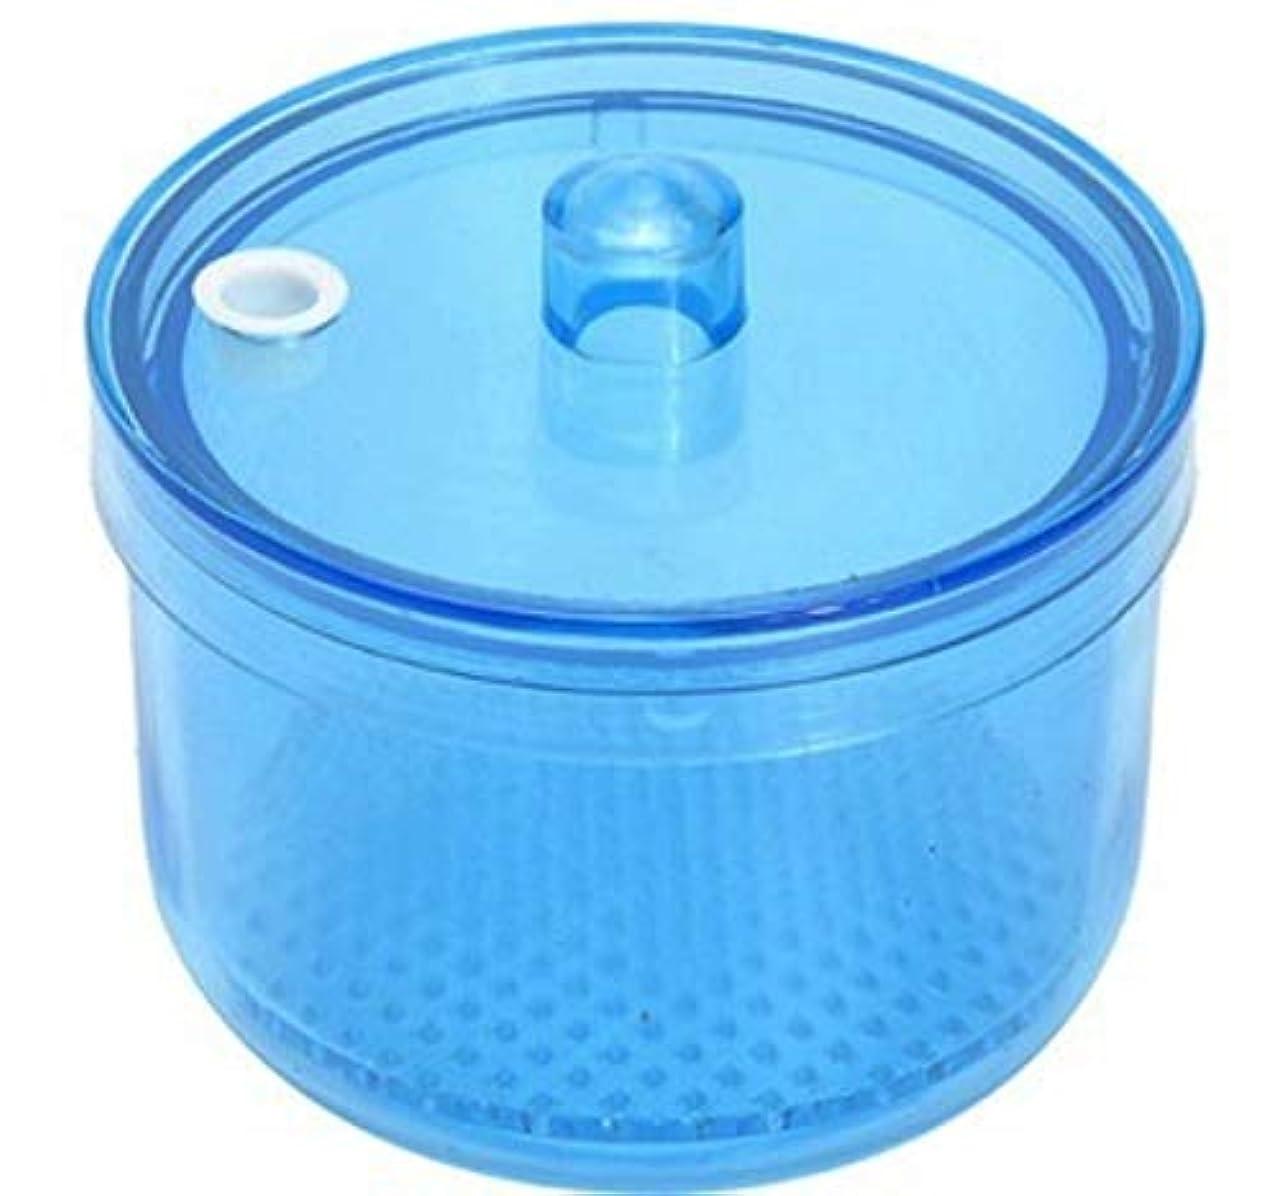 虫を数える毛布センサーMOFF 入れ歯洗浄ケース ポット 網付き リテーナーボックス デンタルケース 高温高圧殺菌 洗浄剤対応可能 耐熱温度134度 シンプル (ブルー)